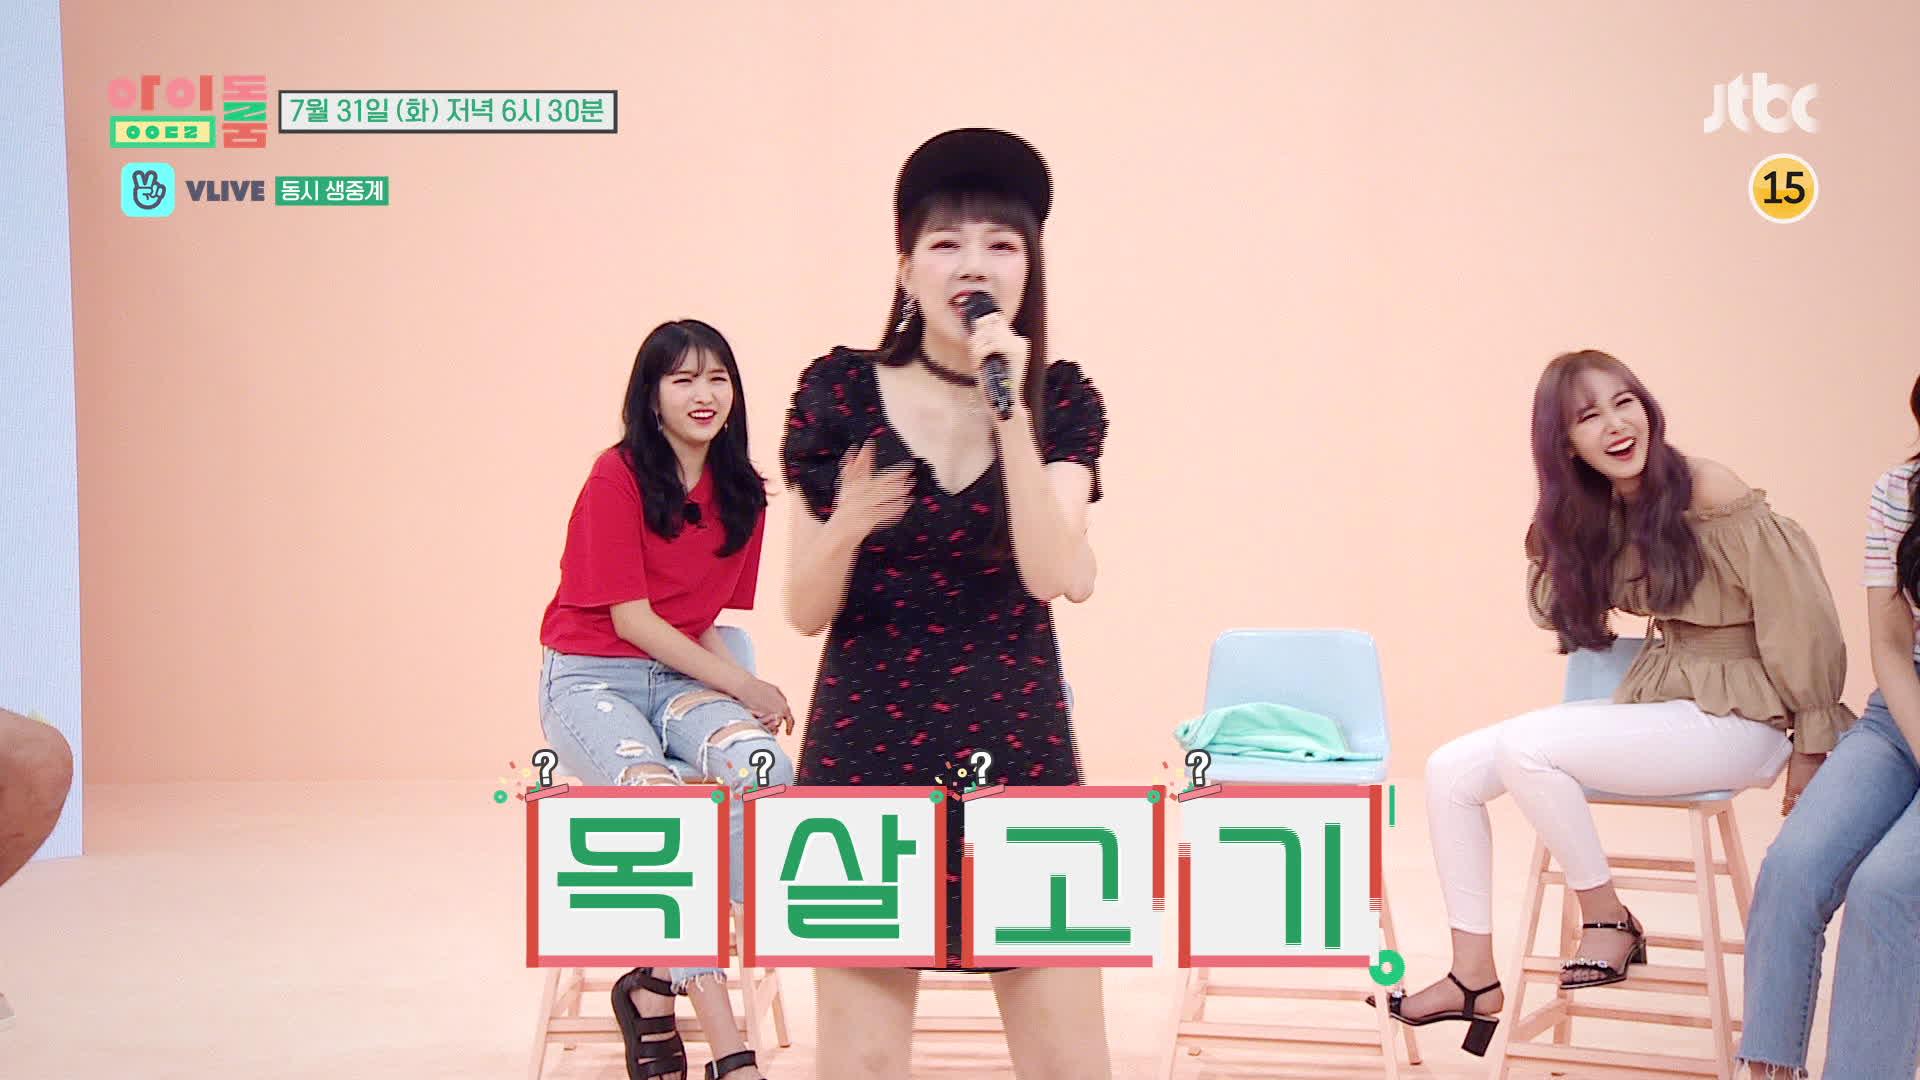 <아이돌룸> 13회 예고 - 여자친구, 모자만 쓰면 '죄송하다' 연발하는 이유?